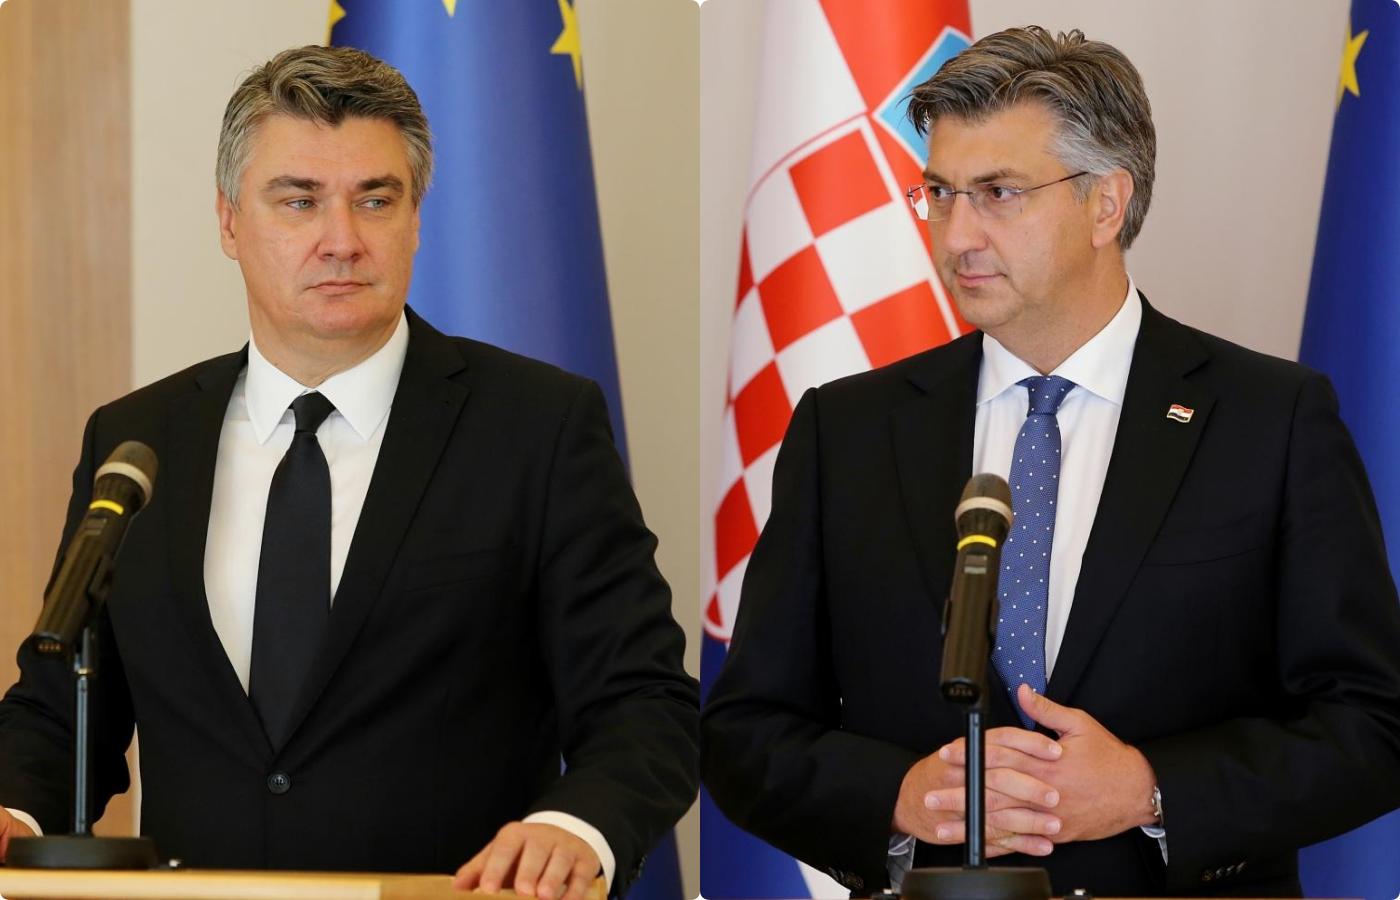 POZADINA JE DUBLJA NEGO ŠTO MISLITE: U čije ime Milanović ratuje s Plenkovićem?